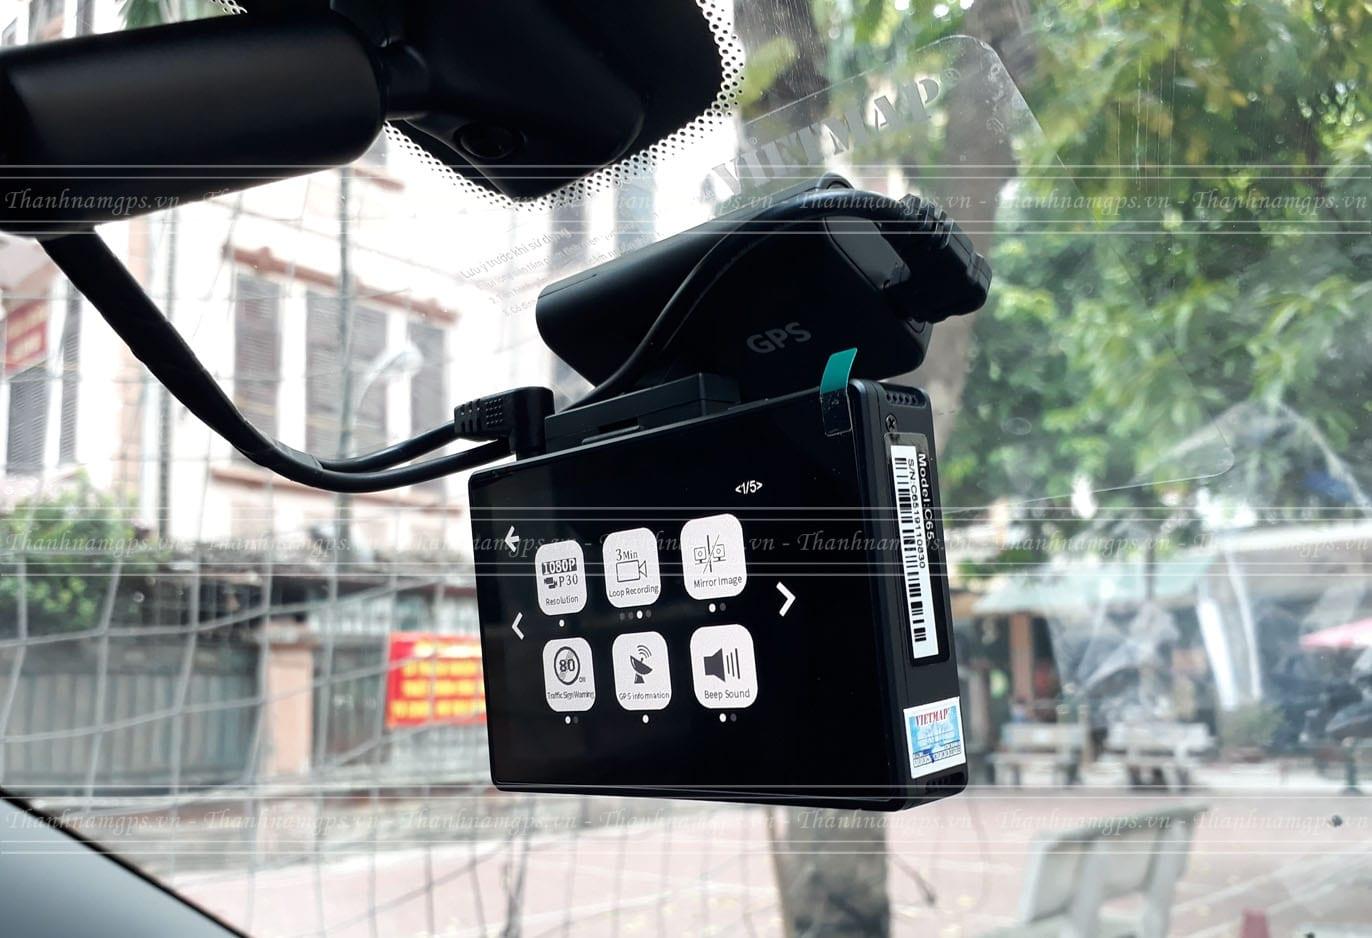 lắp đặt camera hành trình chính hãng tại tỉnh ninh thuận